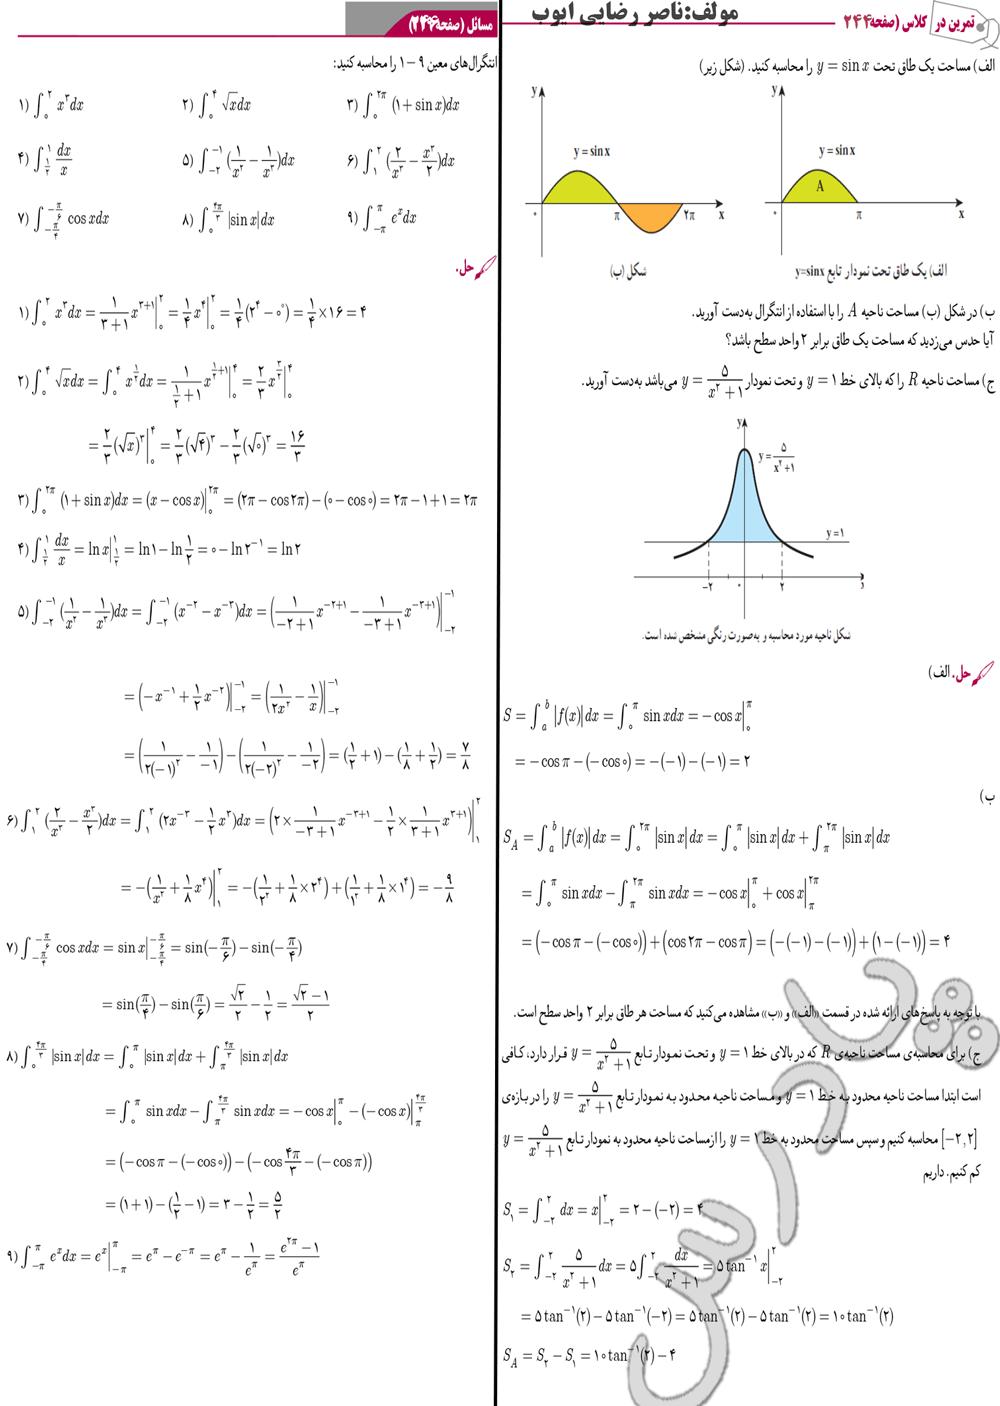 حل تمرین در کلاس و فعالیت صفحه 244 و 246 دیفرانسیل پیش دانشگاهی